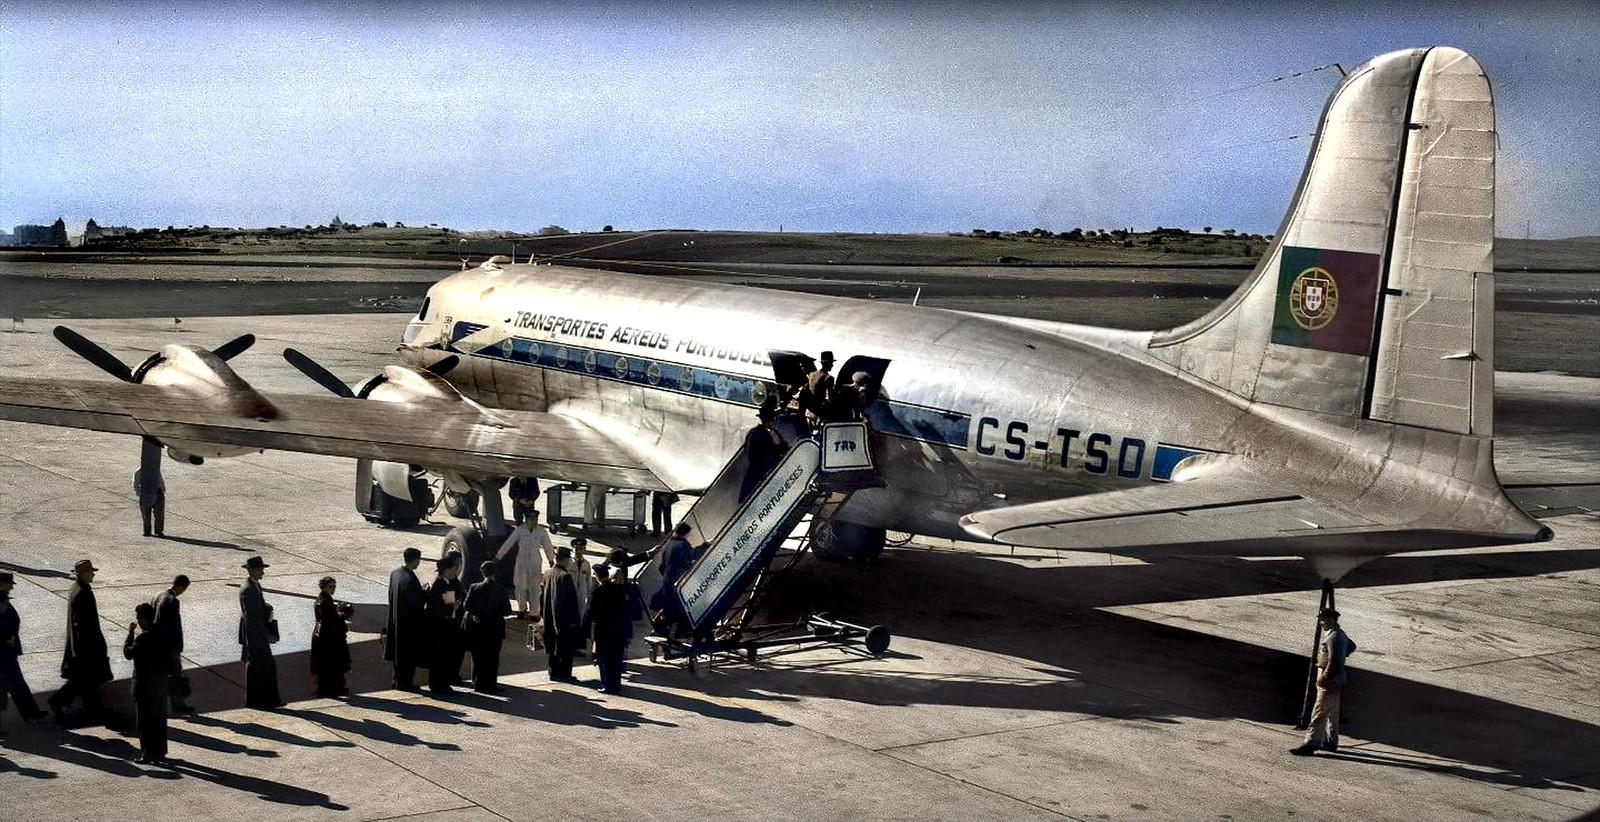 Embarque de passageiros no DC-4 Skymaster CS-TSD dos T.A.P., Portela, c. 1950 (Fototipia animada, esp. do C.te Amado da Cunha. Col. do Sr. Ant.º Fernandes)